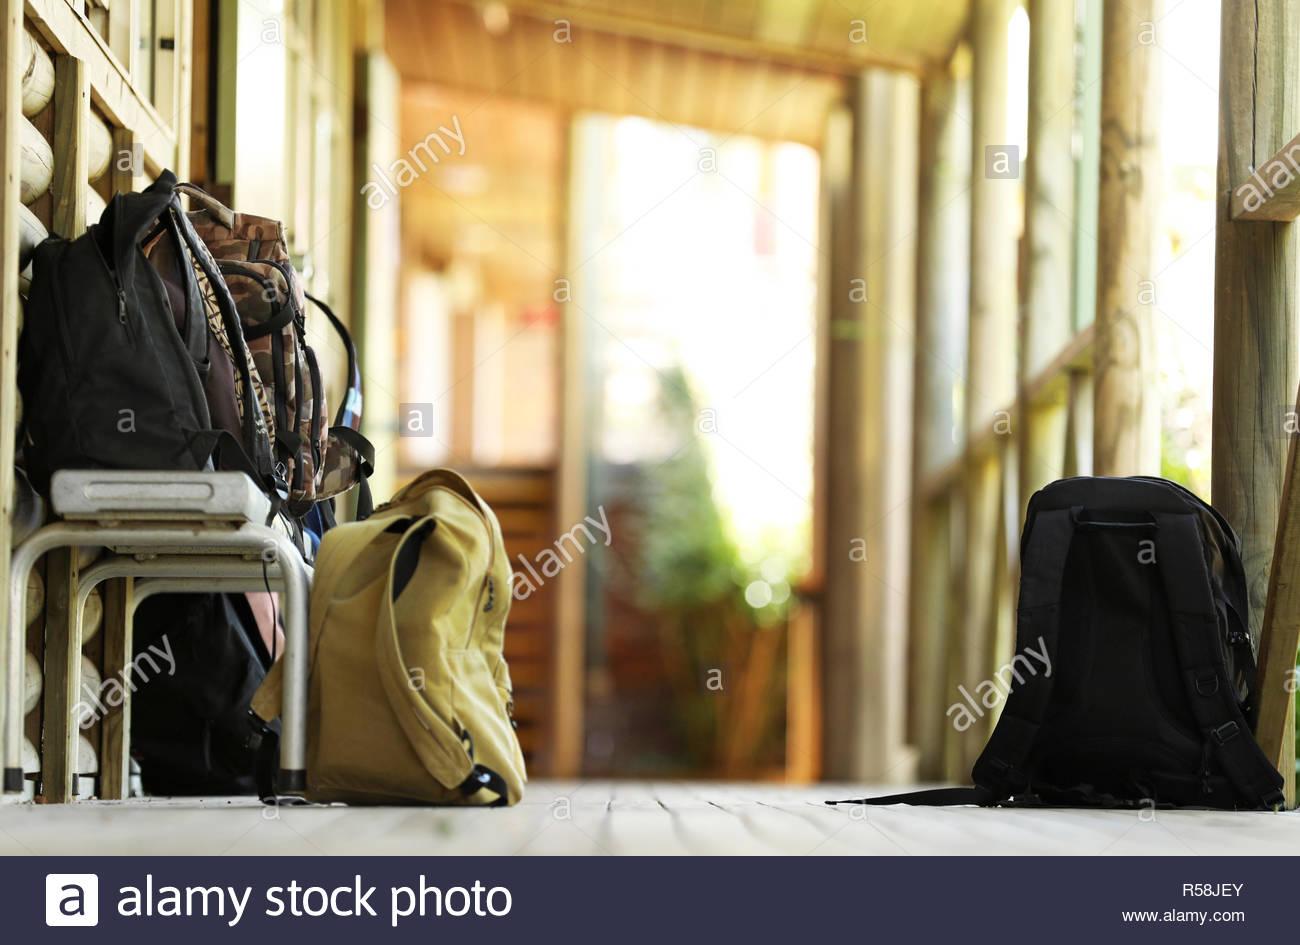 Varias mochilas escolares, mochilas, bolsos de tela fuera del aula en una escuela secundaria de pasillo al aire libre. Patio de la escuela de medio ambiente. Imagen De Stock